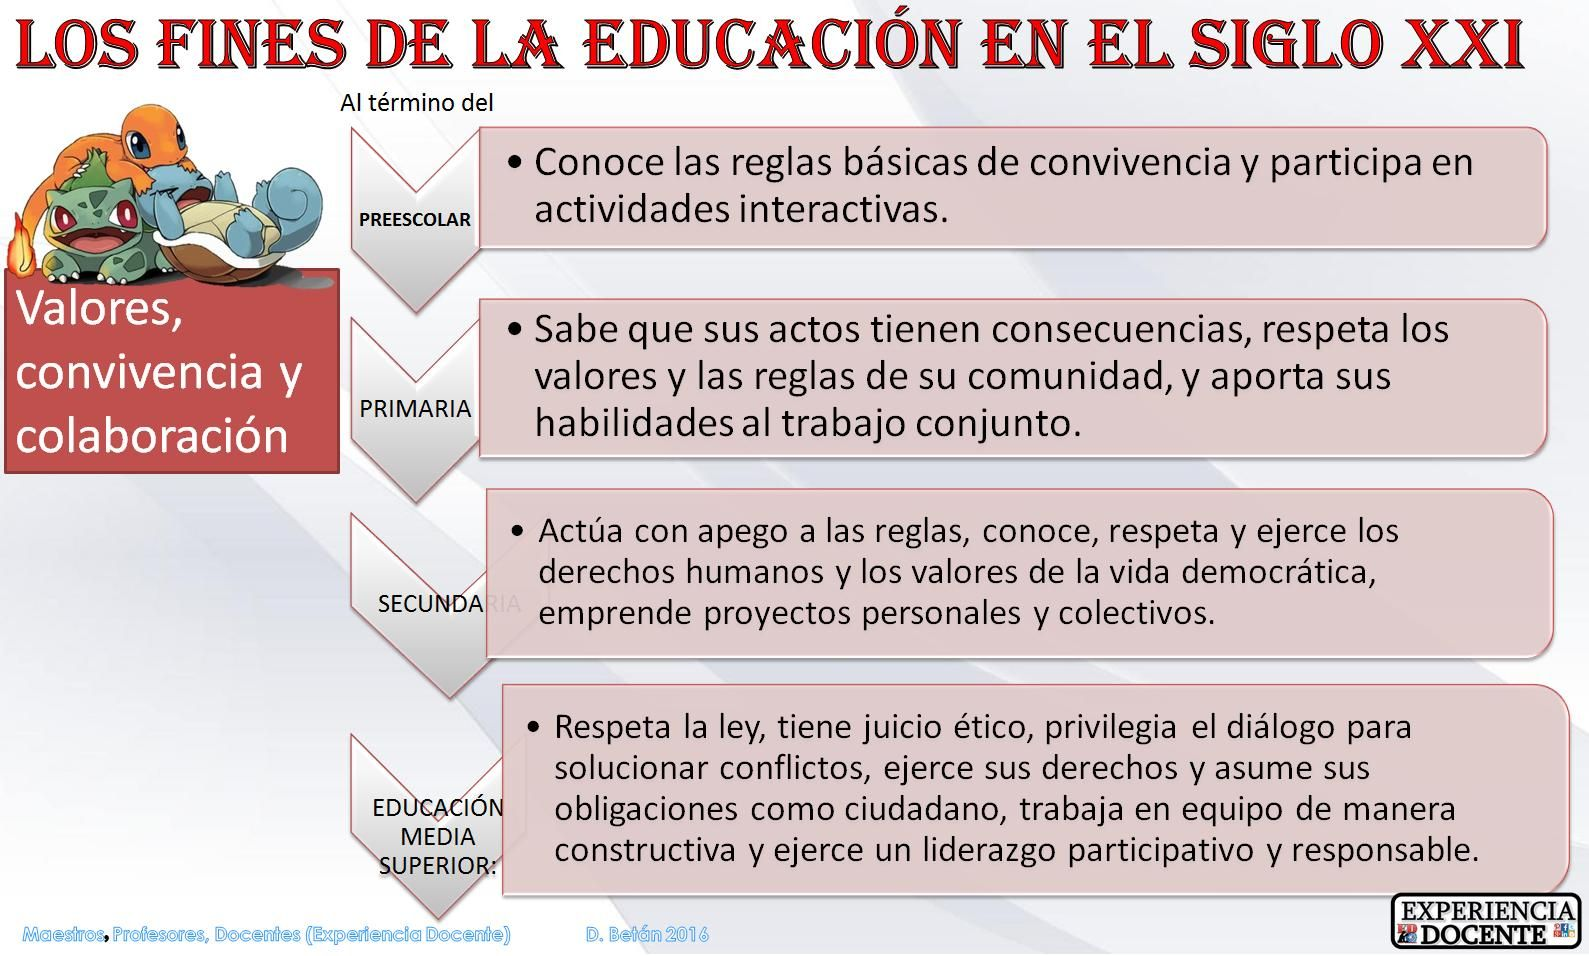 LOS FINES DE LA EDUCACIÓN EN EL SIGLO XXI